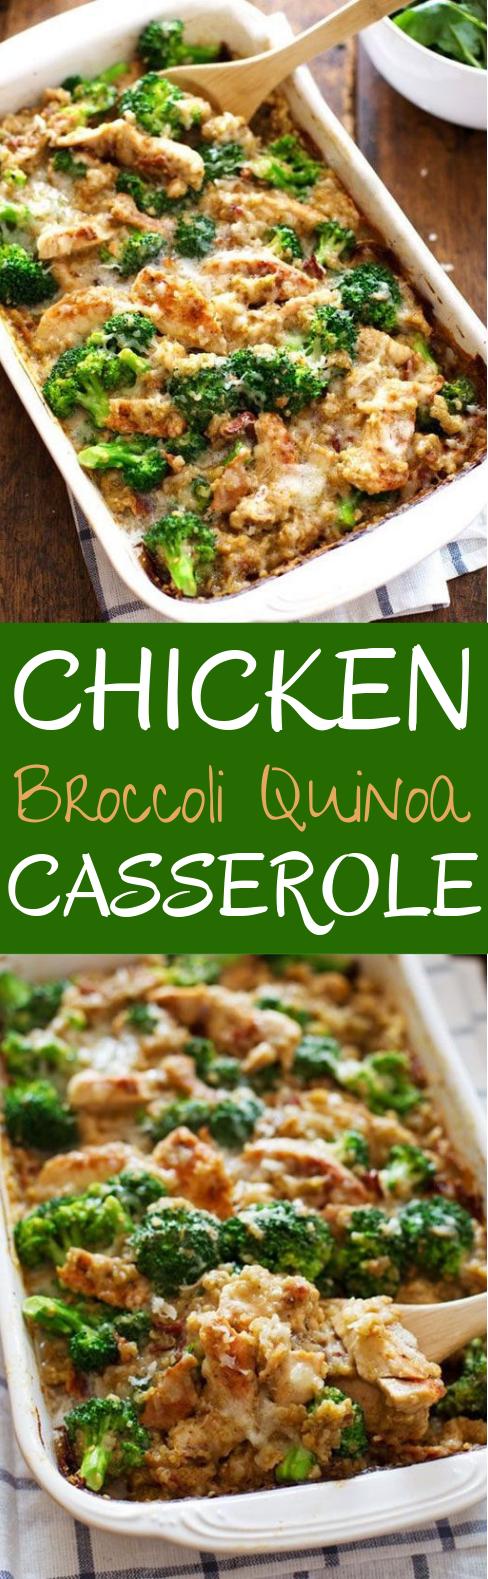 Creamy Chicken Quinoa and Broccoli Casserole #dinner #healthy